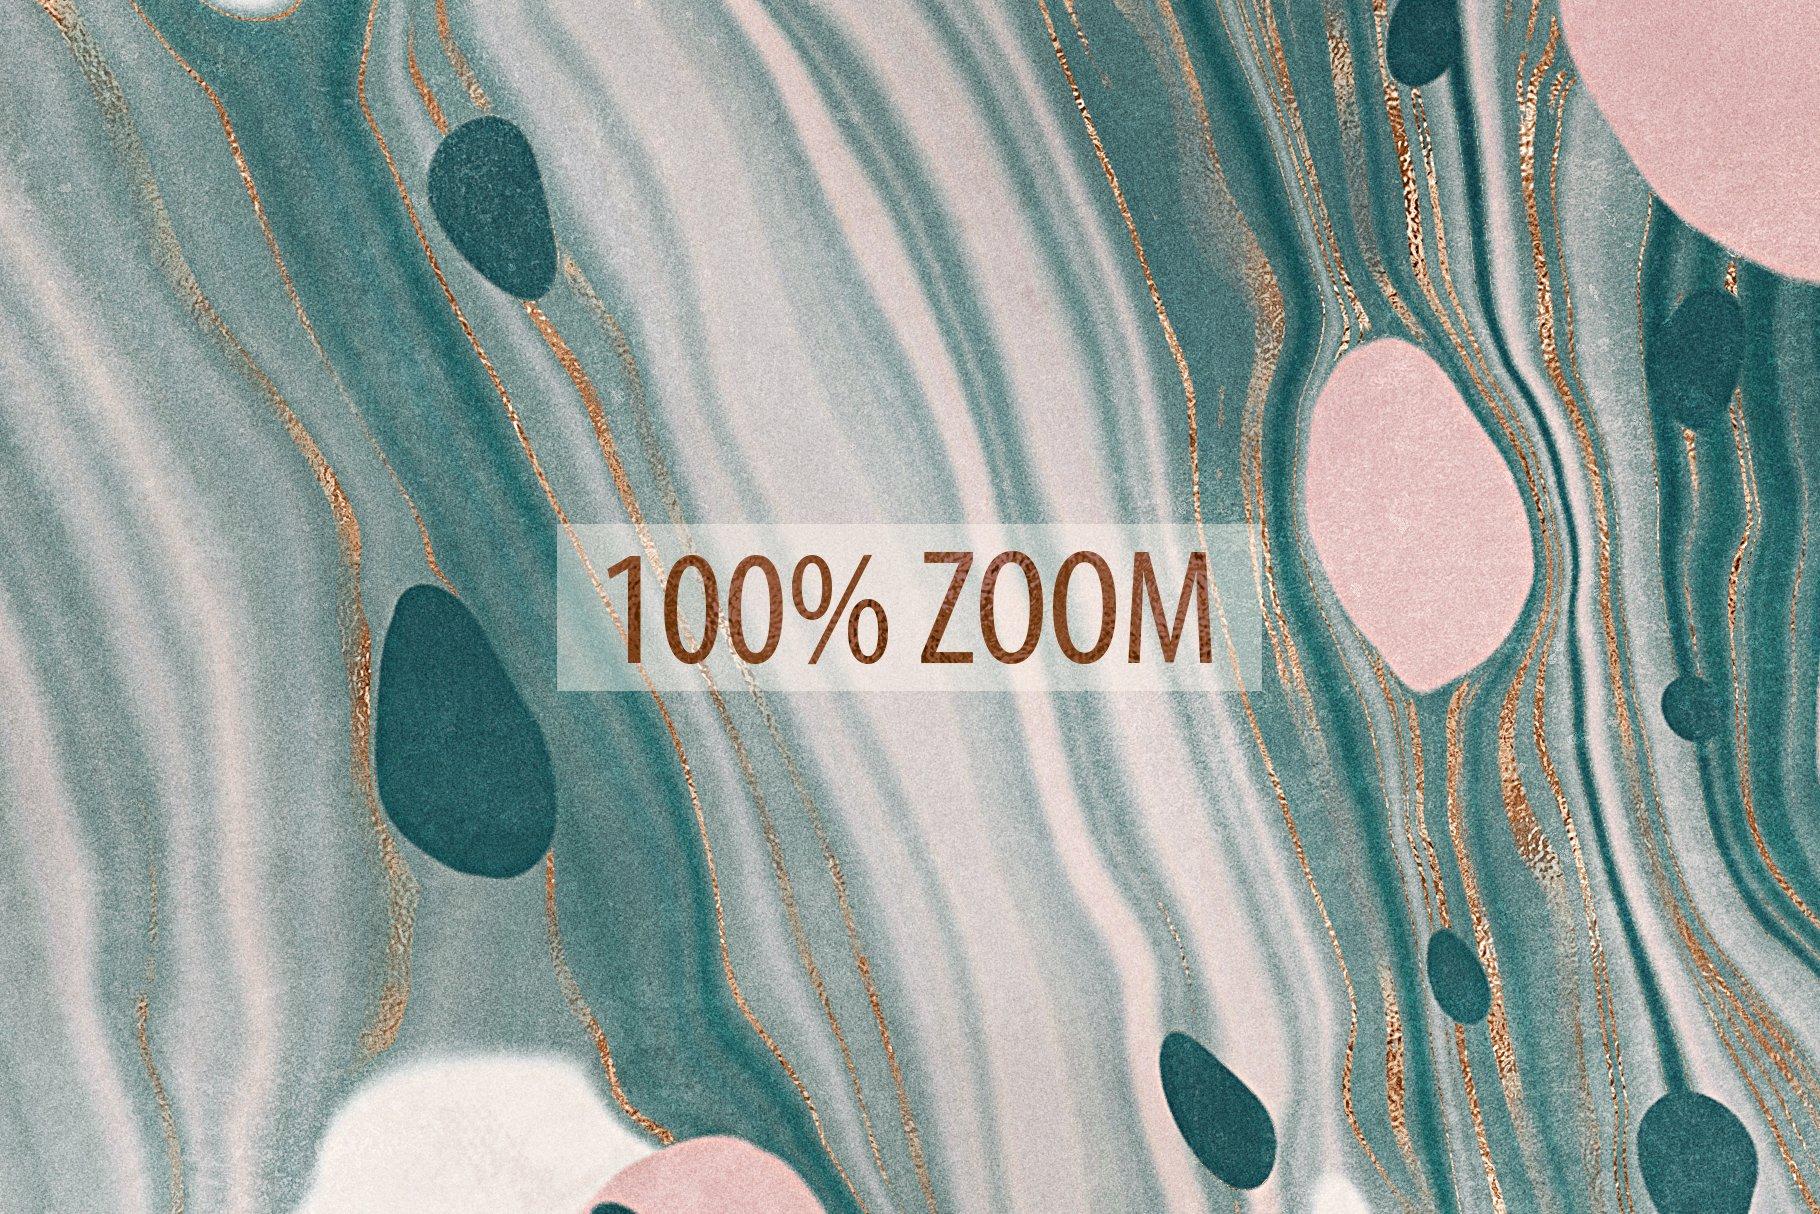 [淘宝购买] 15款抽象复古高清大理石金色箔纸纹理背景图片设计素材合集 Marbled Paper Texture Collection插图6